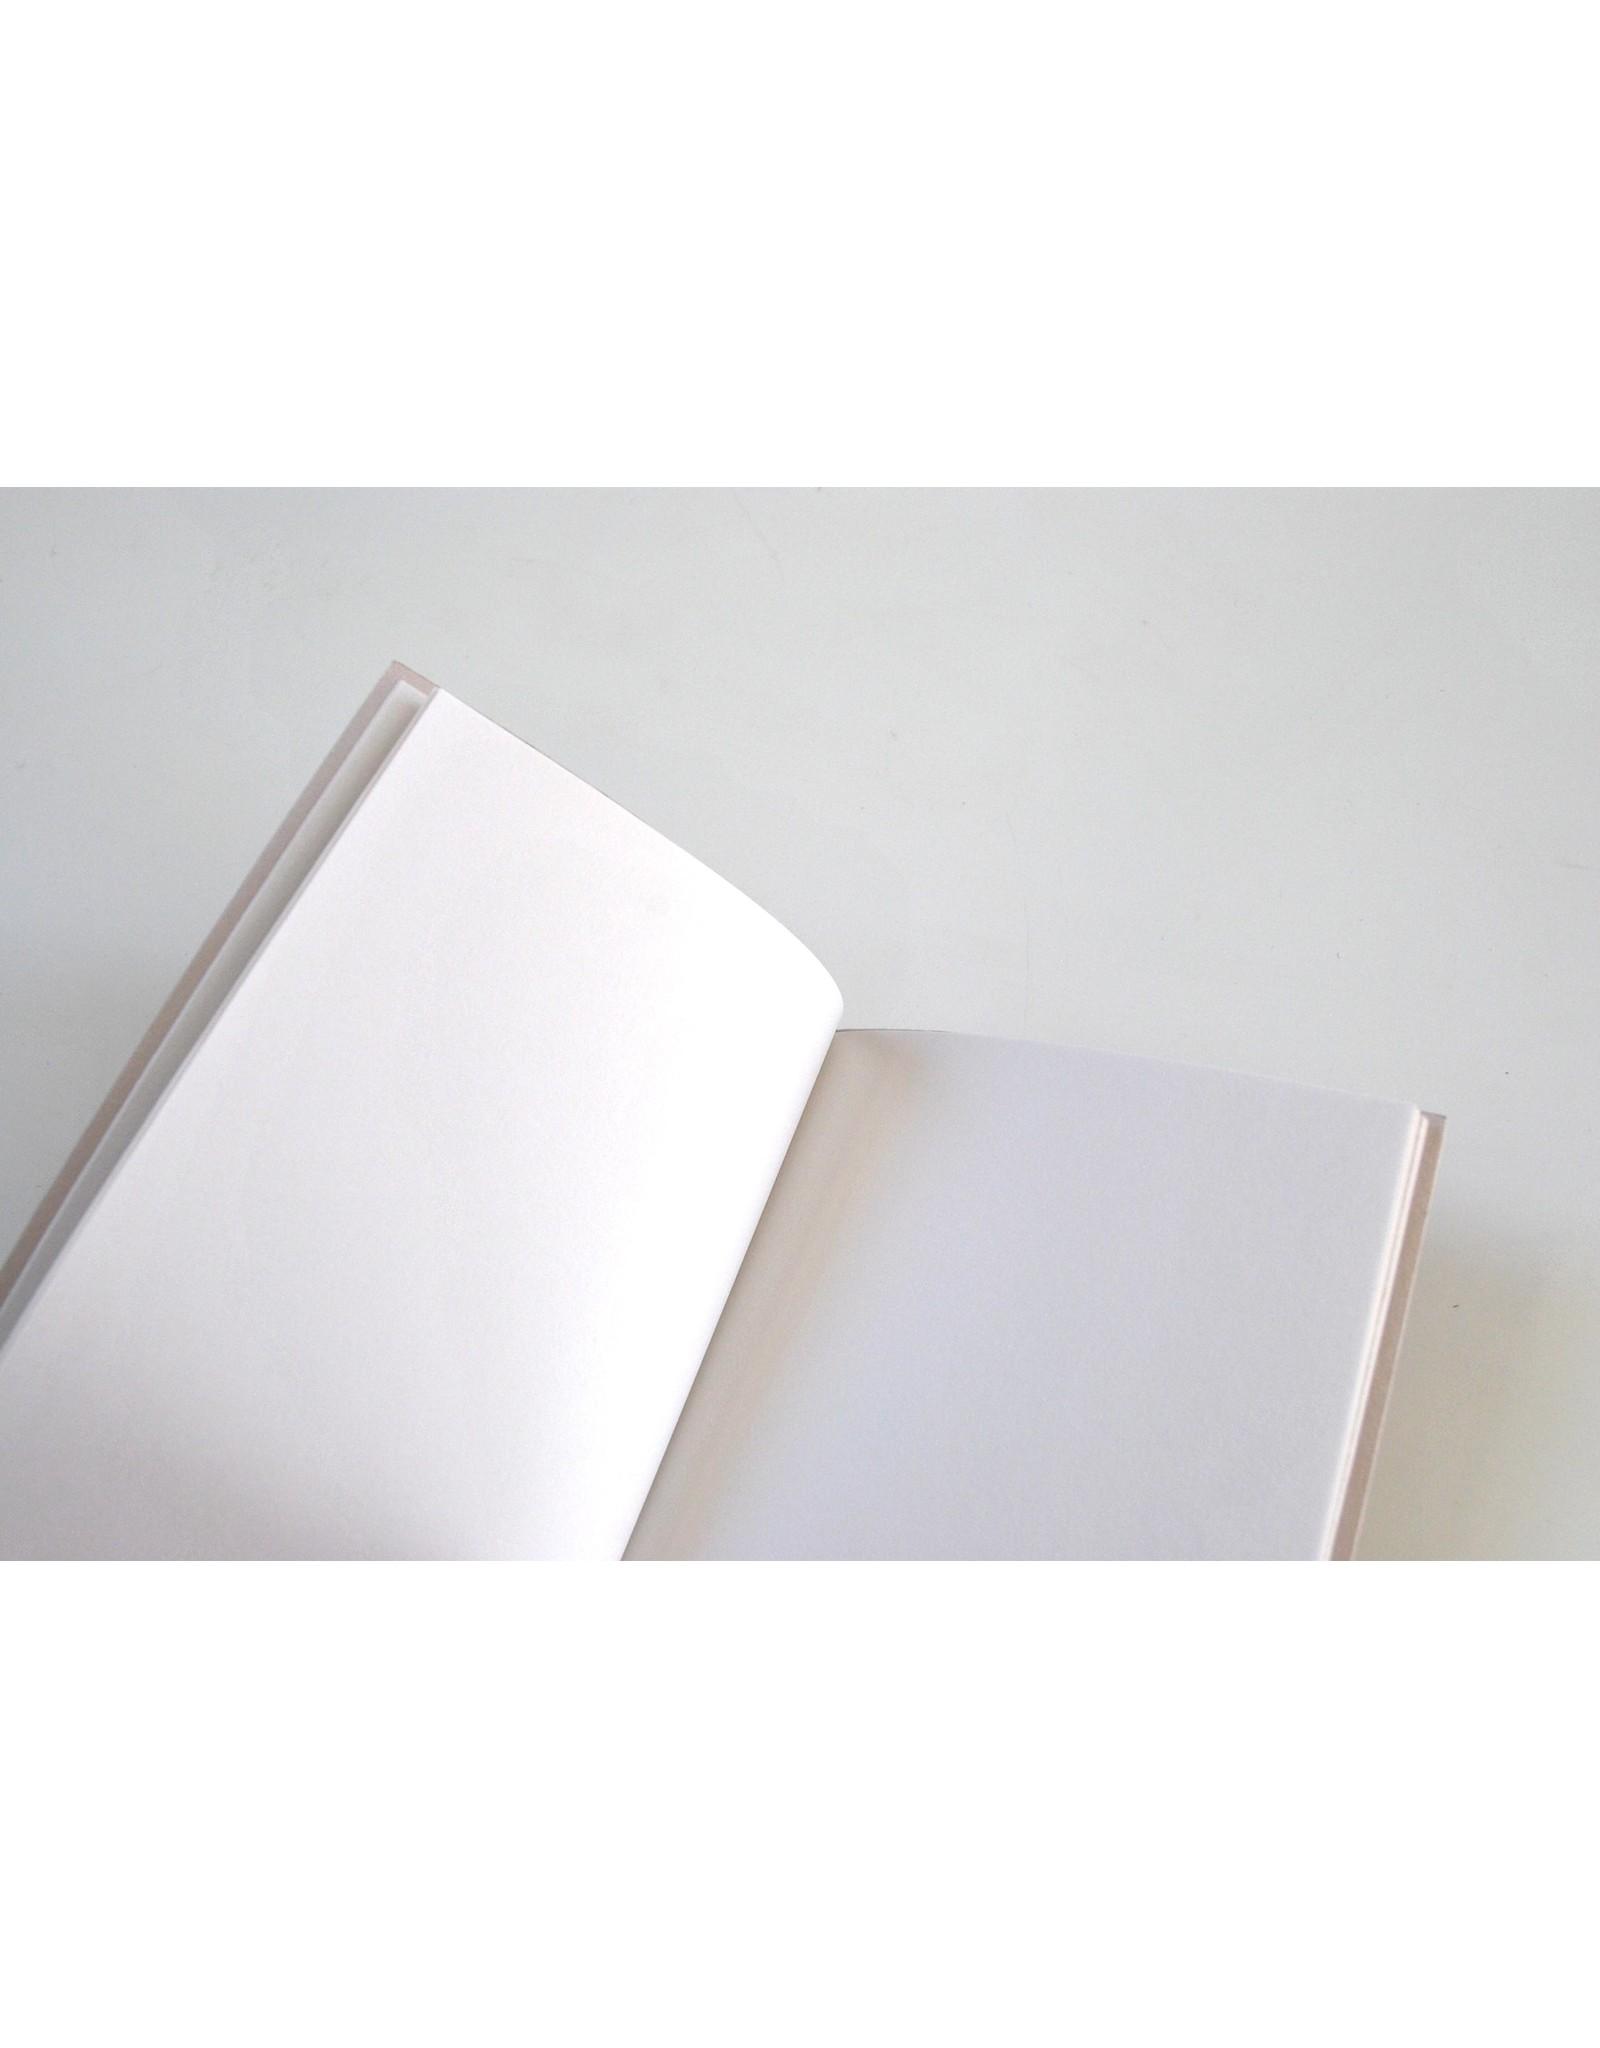 Tiger Pattern Notebook by Danielle Przybysz